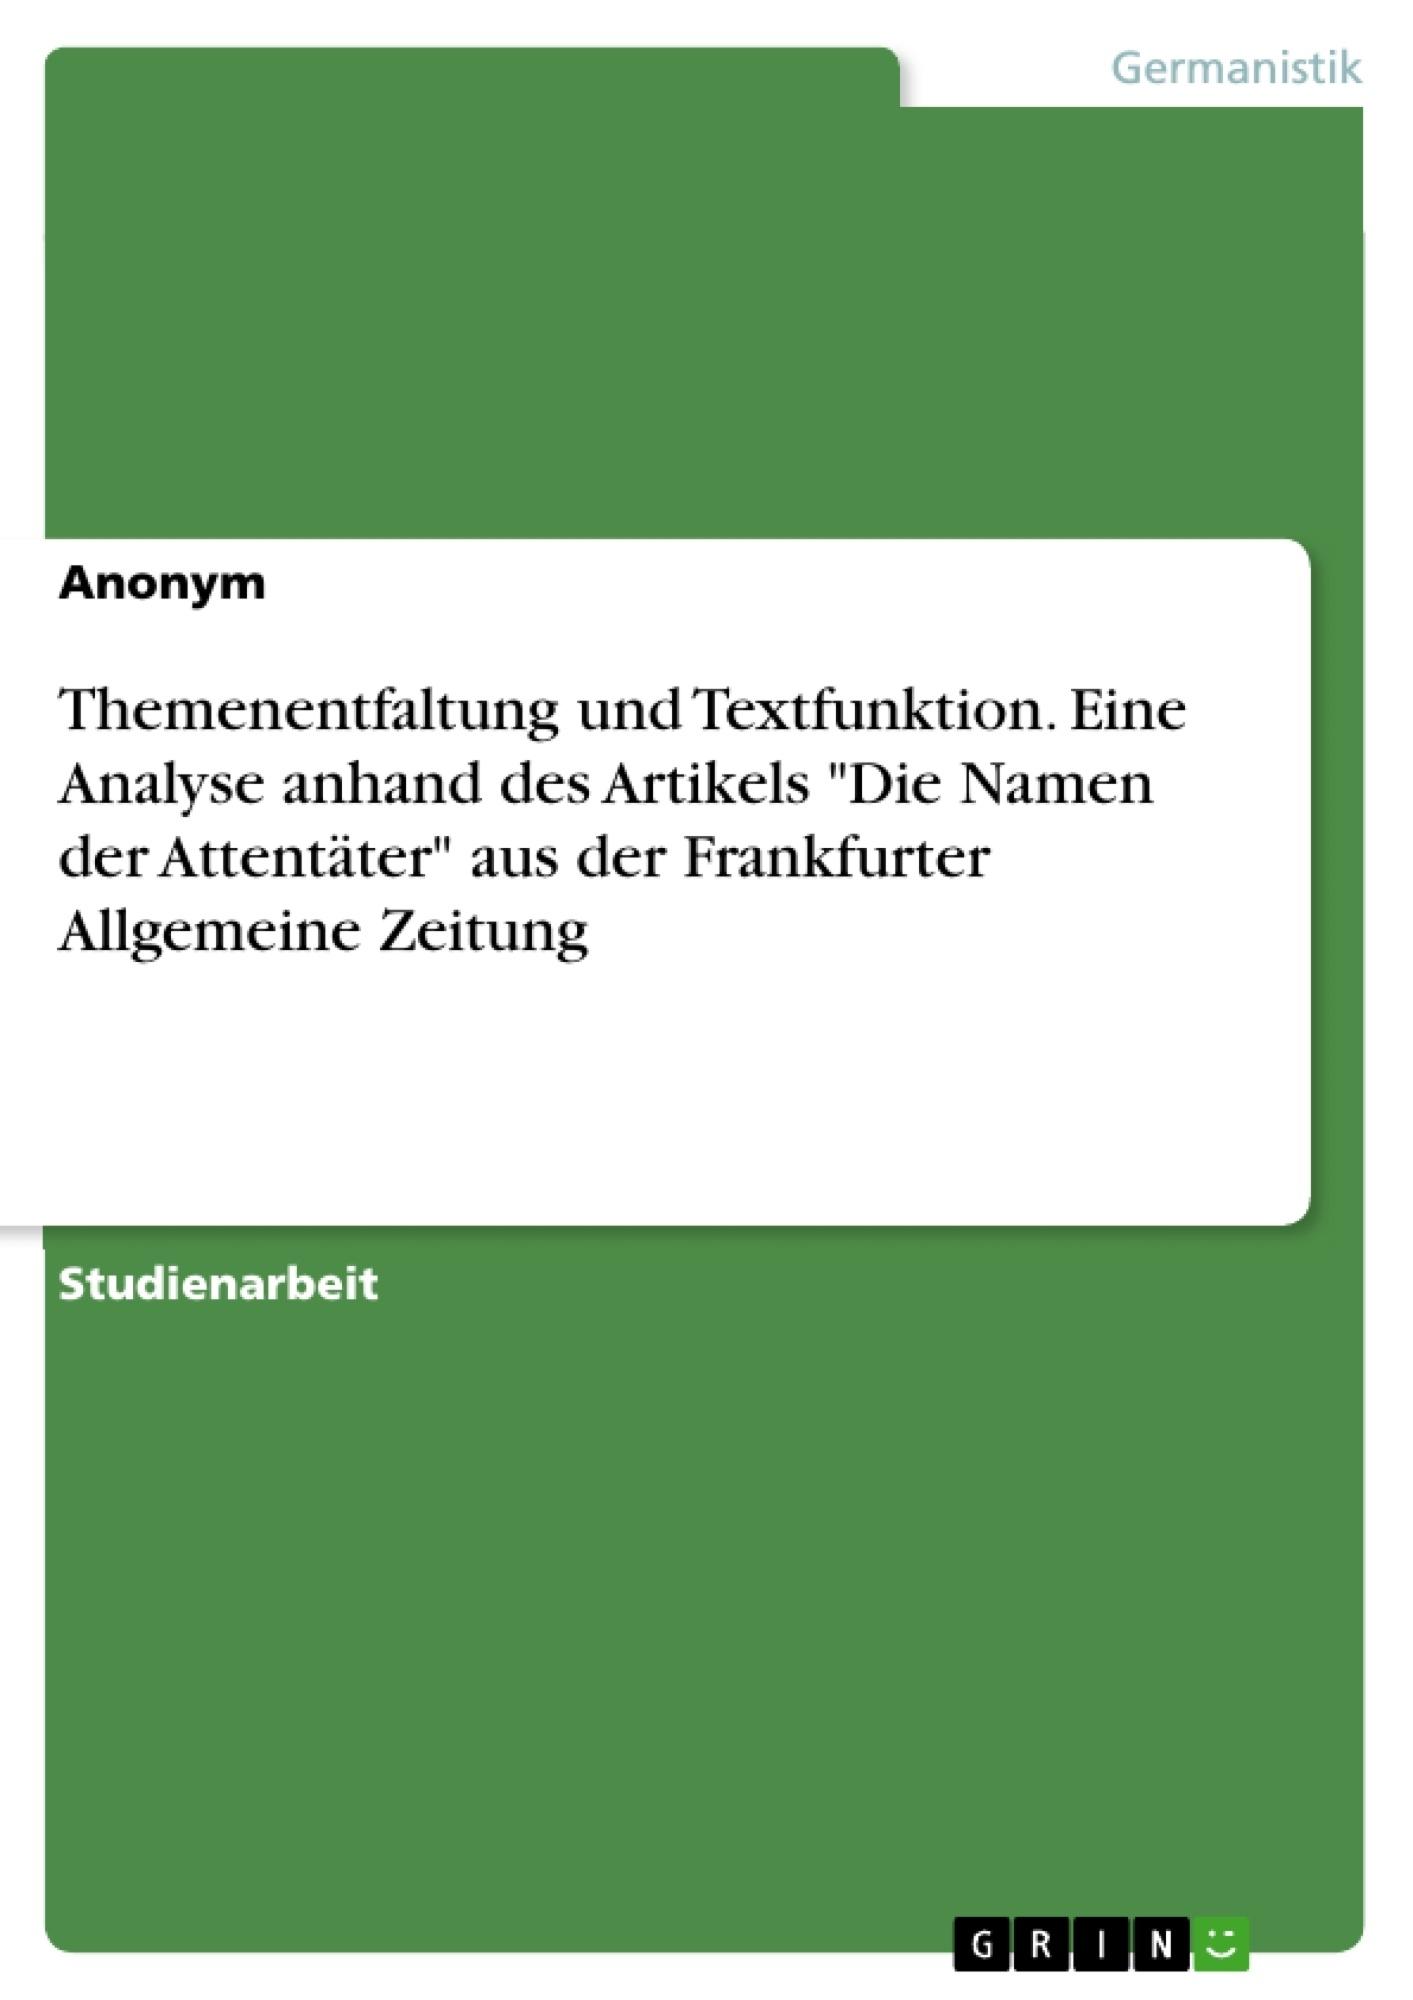 """Titel: Themenentfaltung und Textfunktion. Eine Analyse anhand des Artikels """"Die Namen der Attentäter"""" aus der Frankfurter Allgemeine Zeitung"""